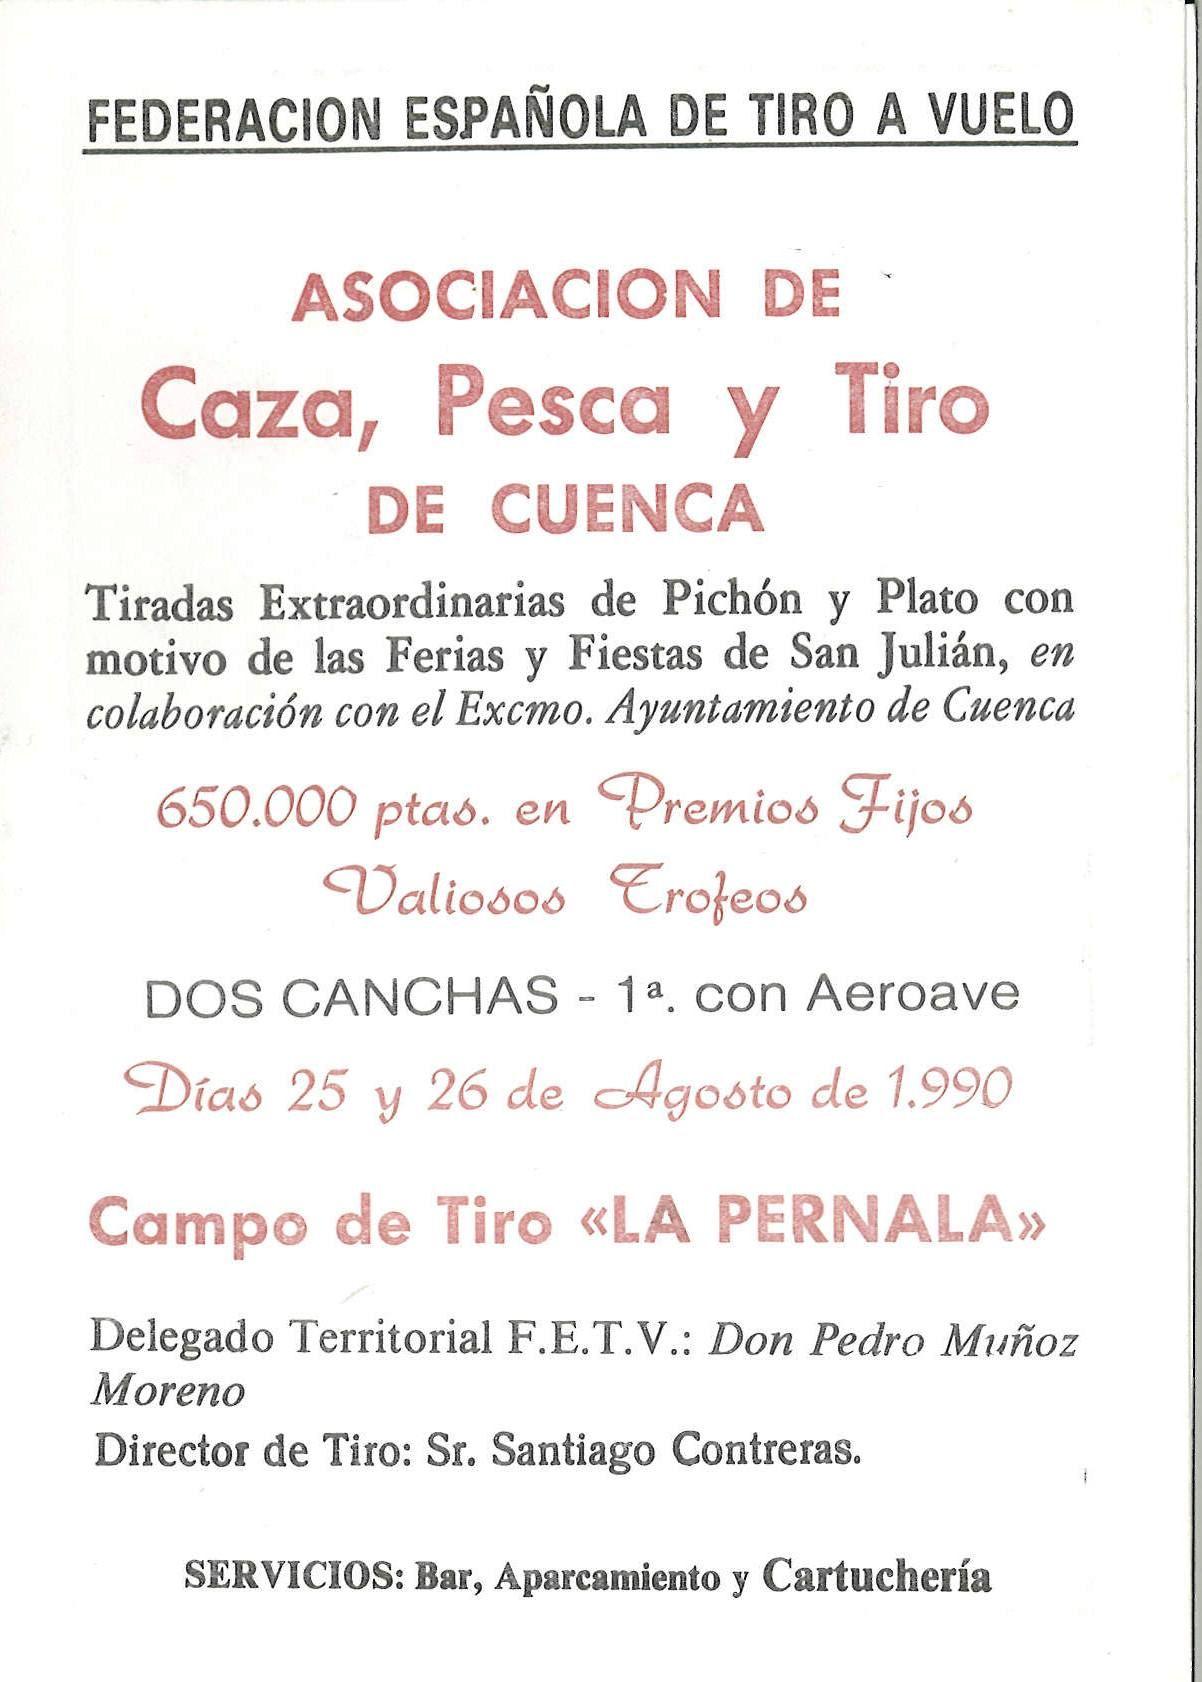 Tiradas De Pichón Y Plato Con Motivo De Las Fiestas De San Julián Cuenca Los Días 25 Y 26 De Agosto De 1990 En El Campo Tiro Al Plato De 1990 Evento Deportivo